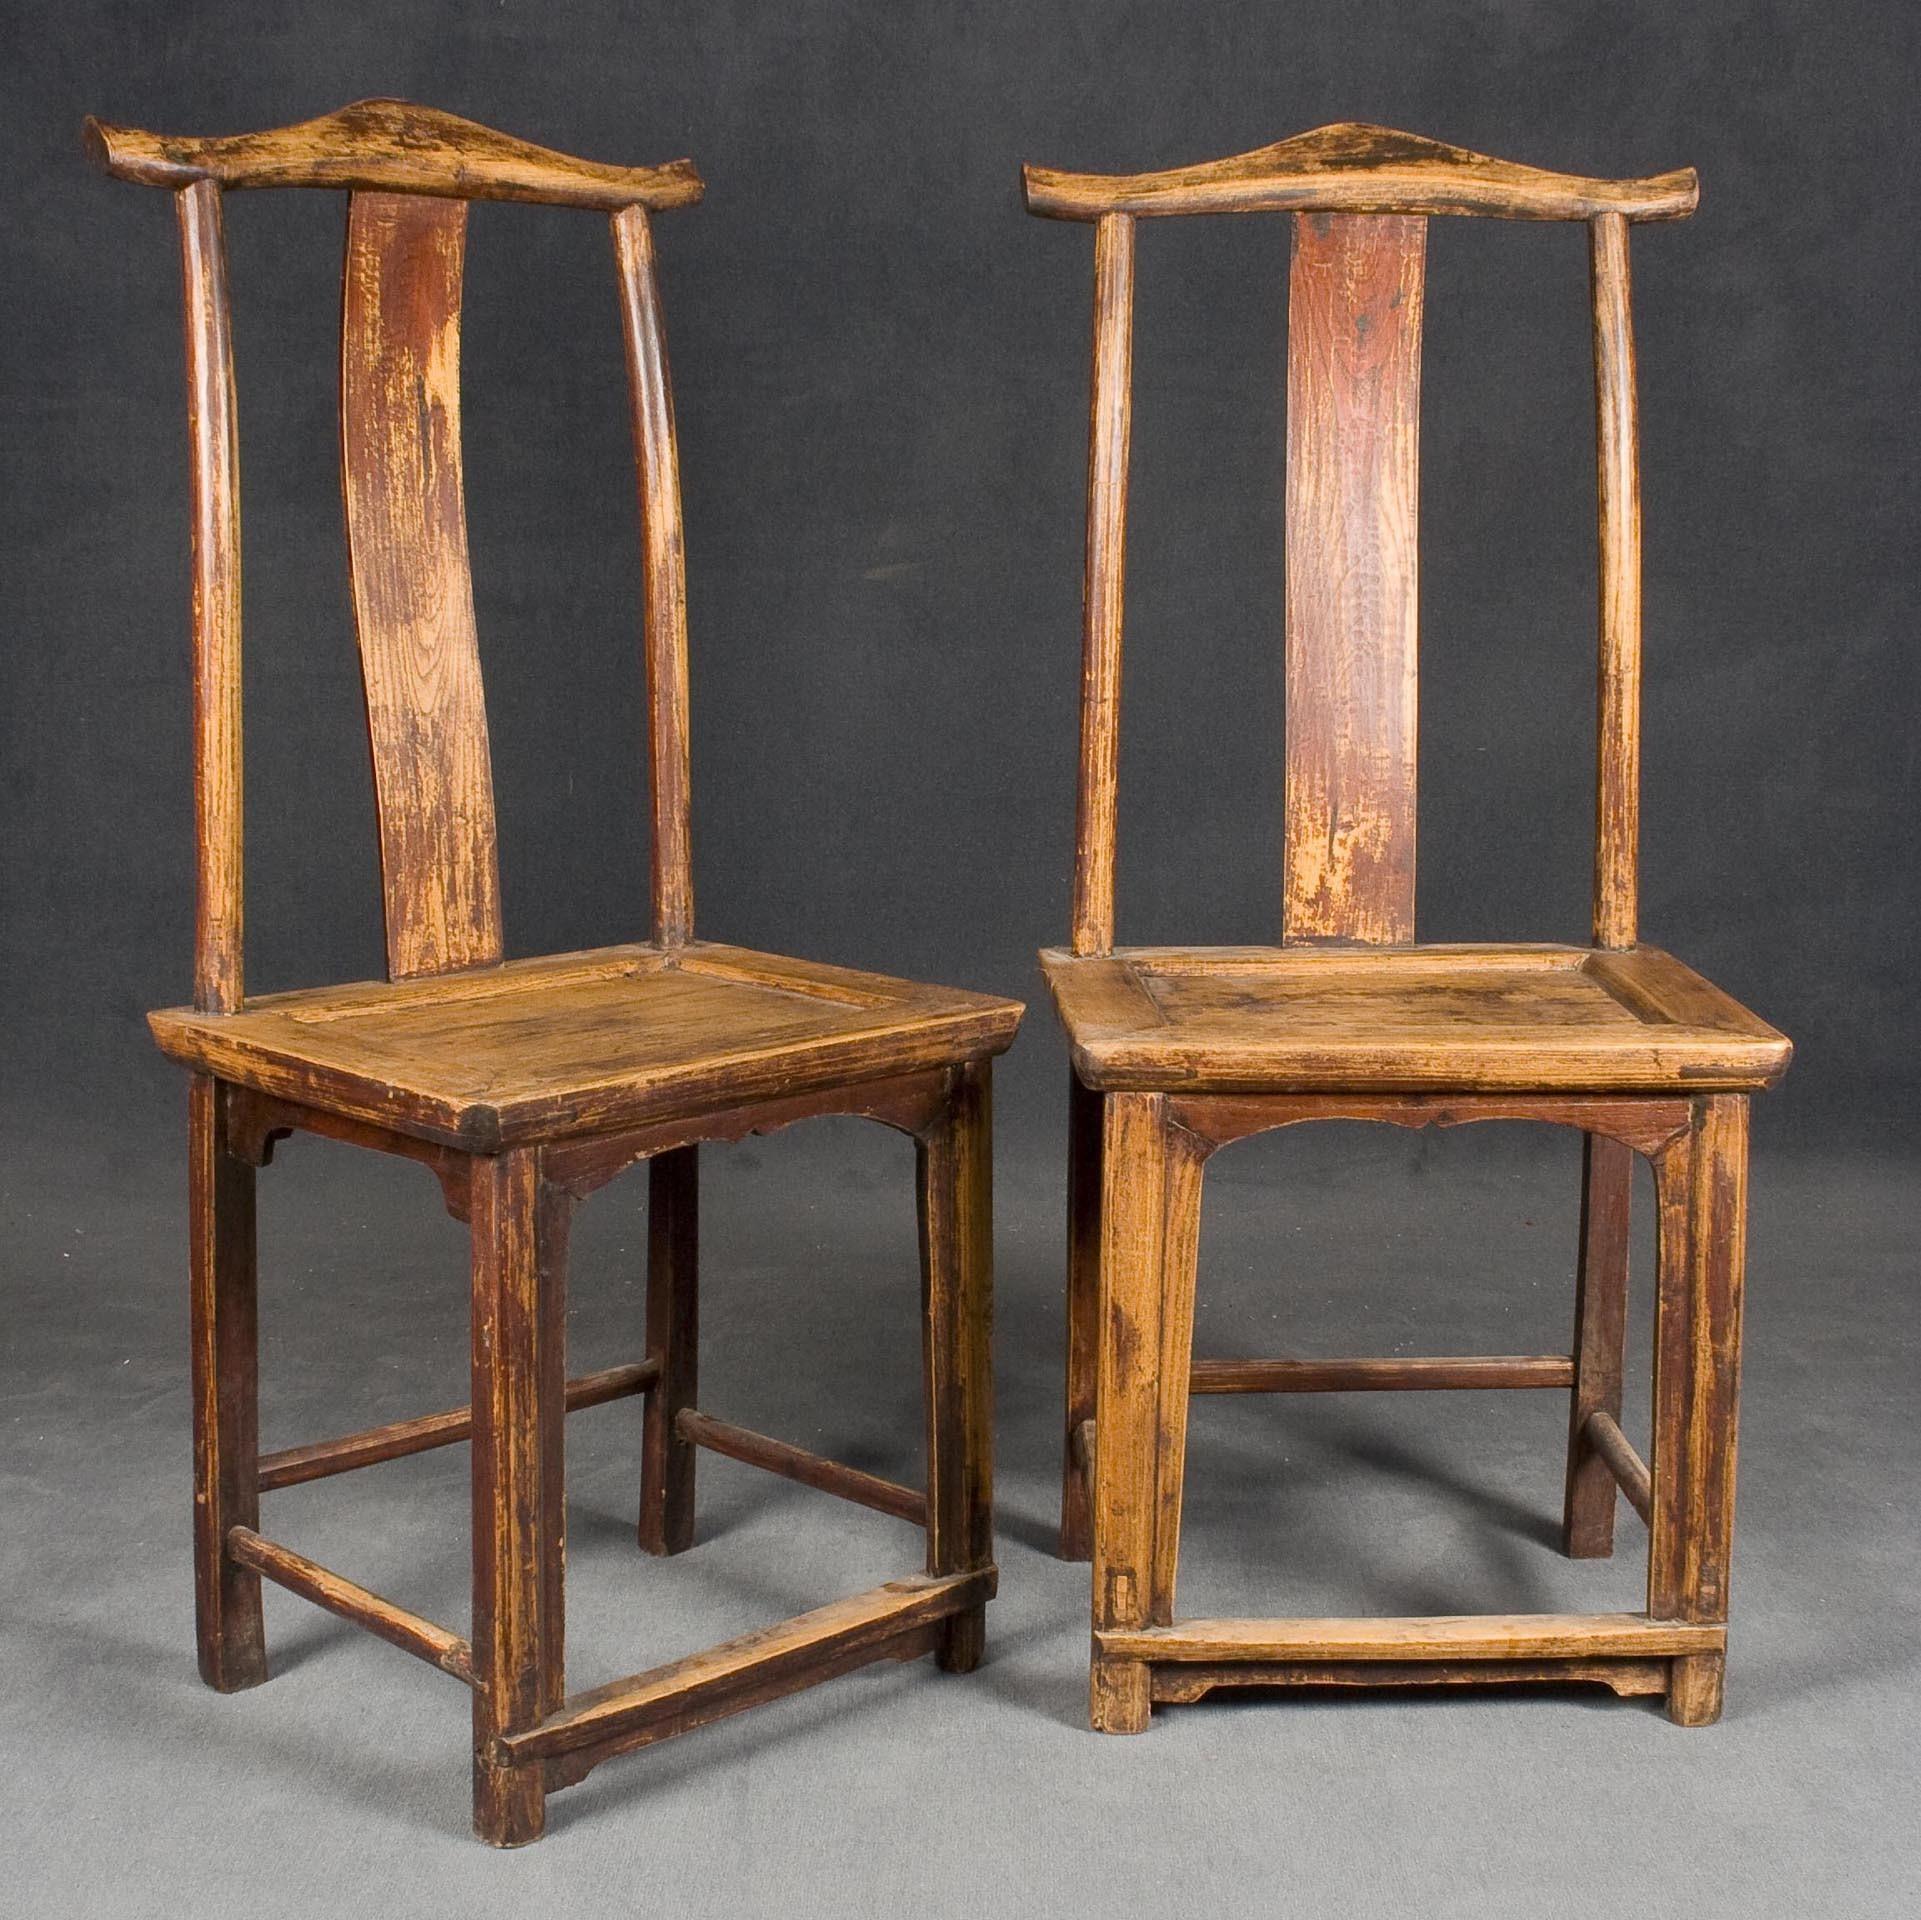 Las 16 sillas de comedor m s de moda for Sillas antiguas tapizadas modernas